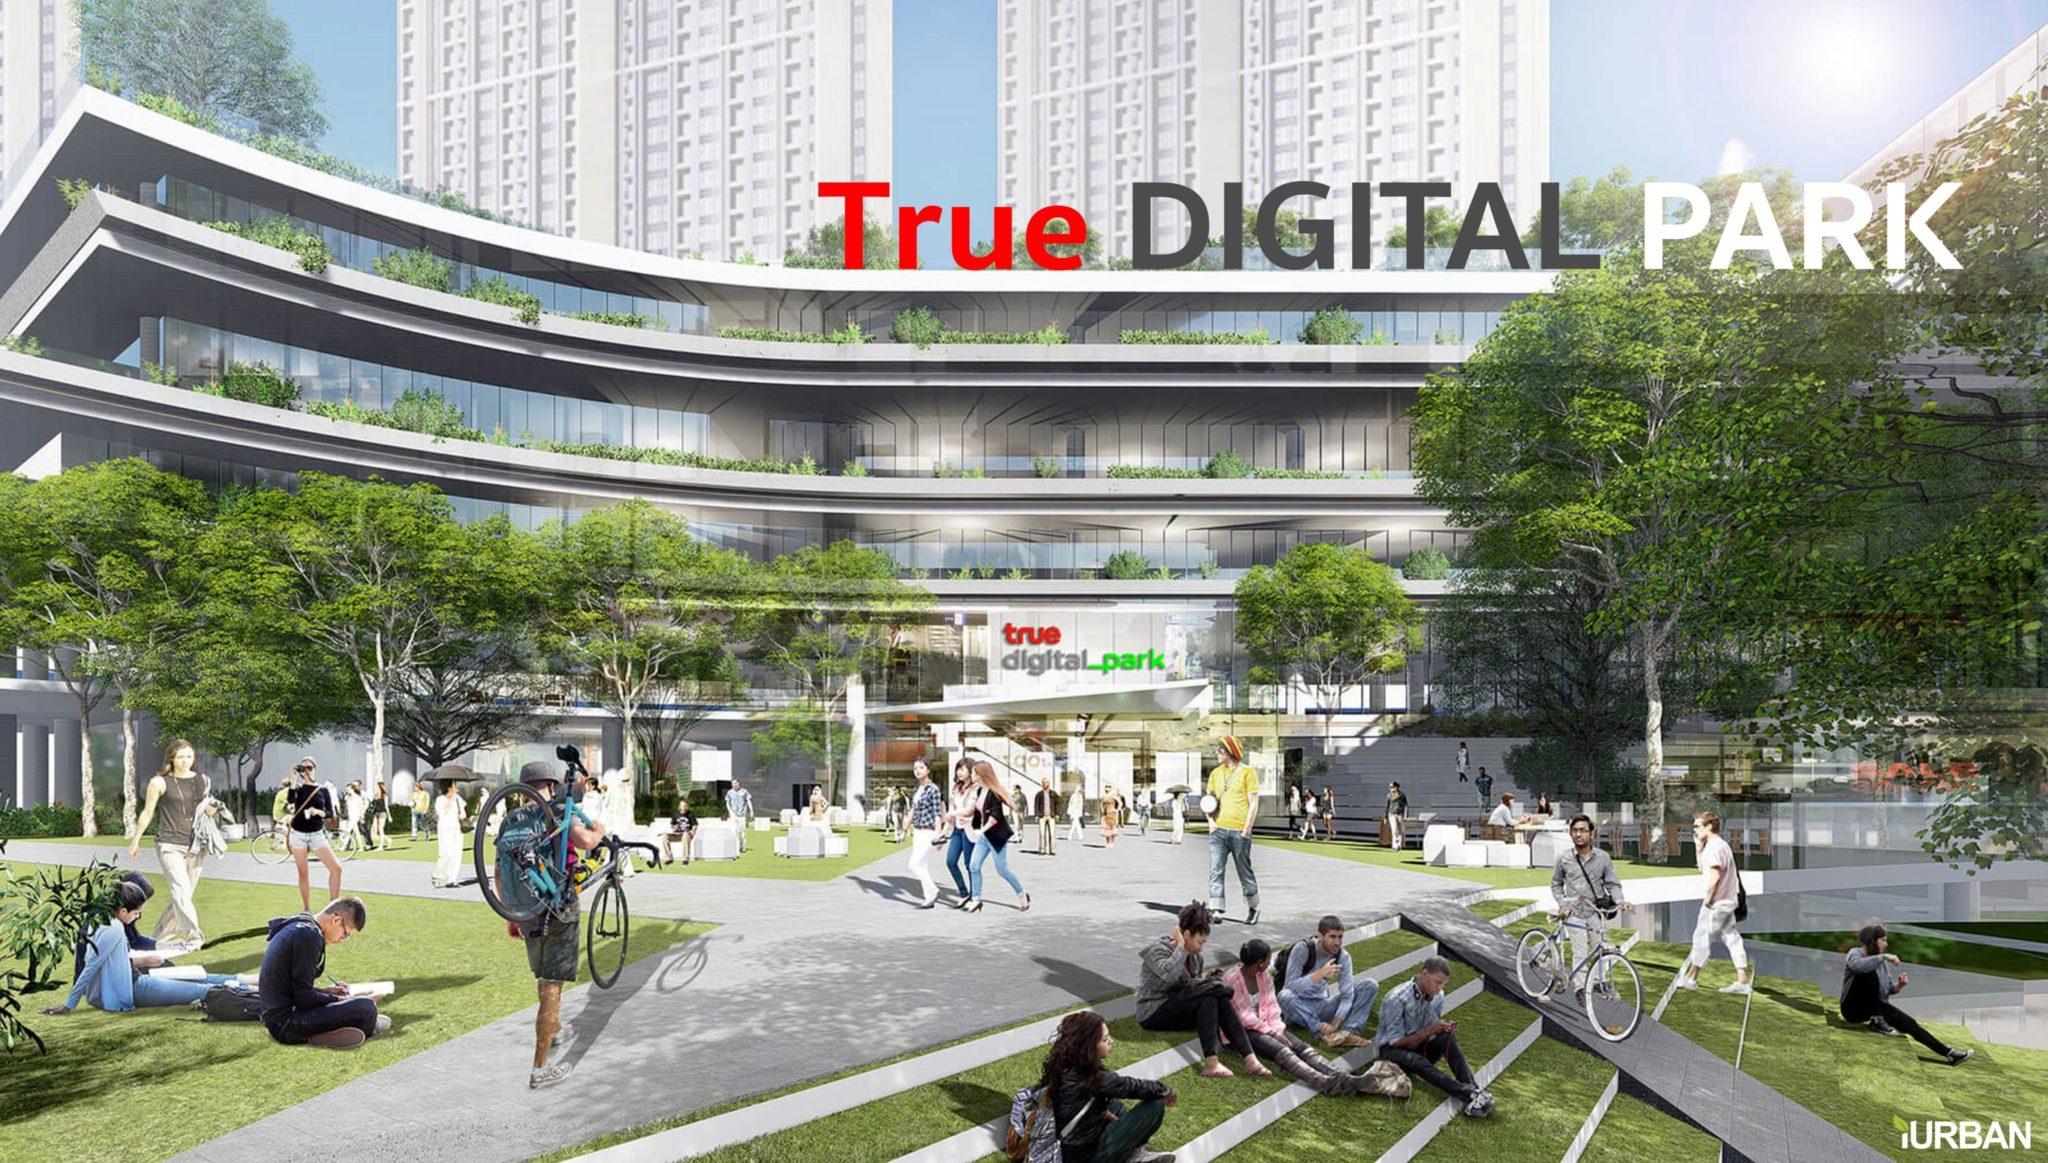 ทรู ดิจิทัล พาร์ค...Global Destination ของคนดิจิทัลแห่งแรกในไทย ใหญ่ที่สุดในเอเชียตะวันออกเฉียงใต้ พร้อมเปิดให้สัมผัส Digital Lifestyle ปลายปีนี้!